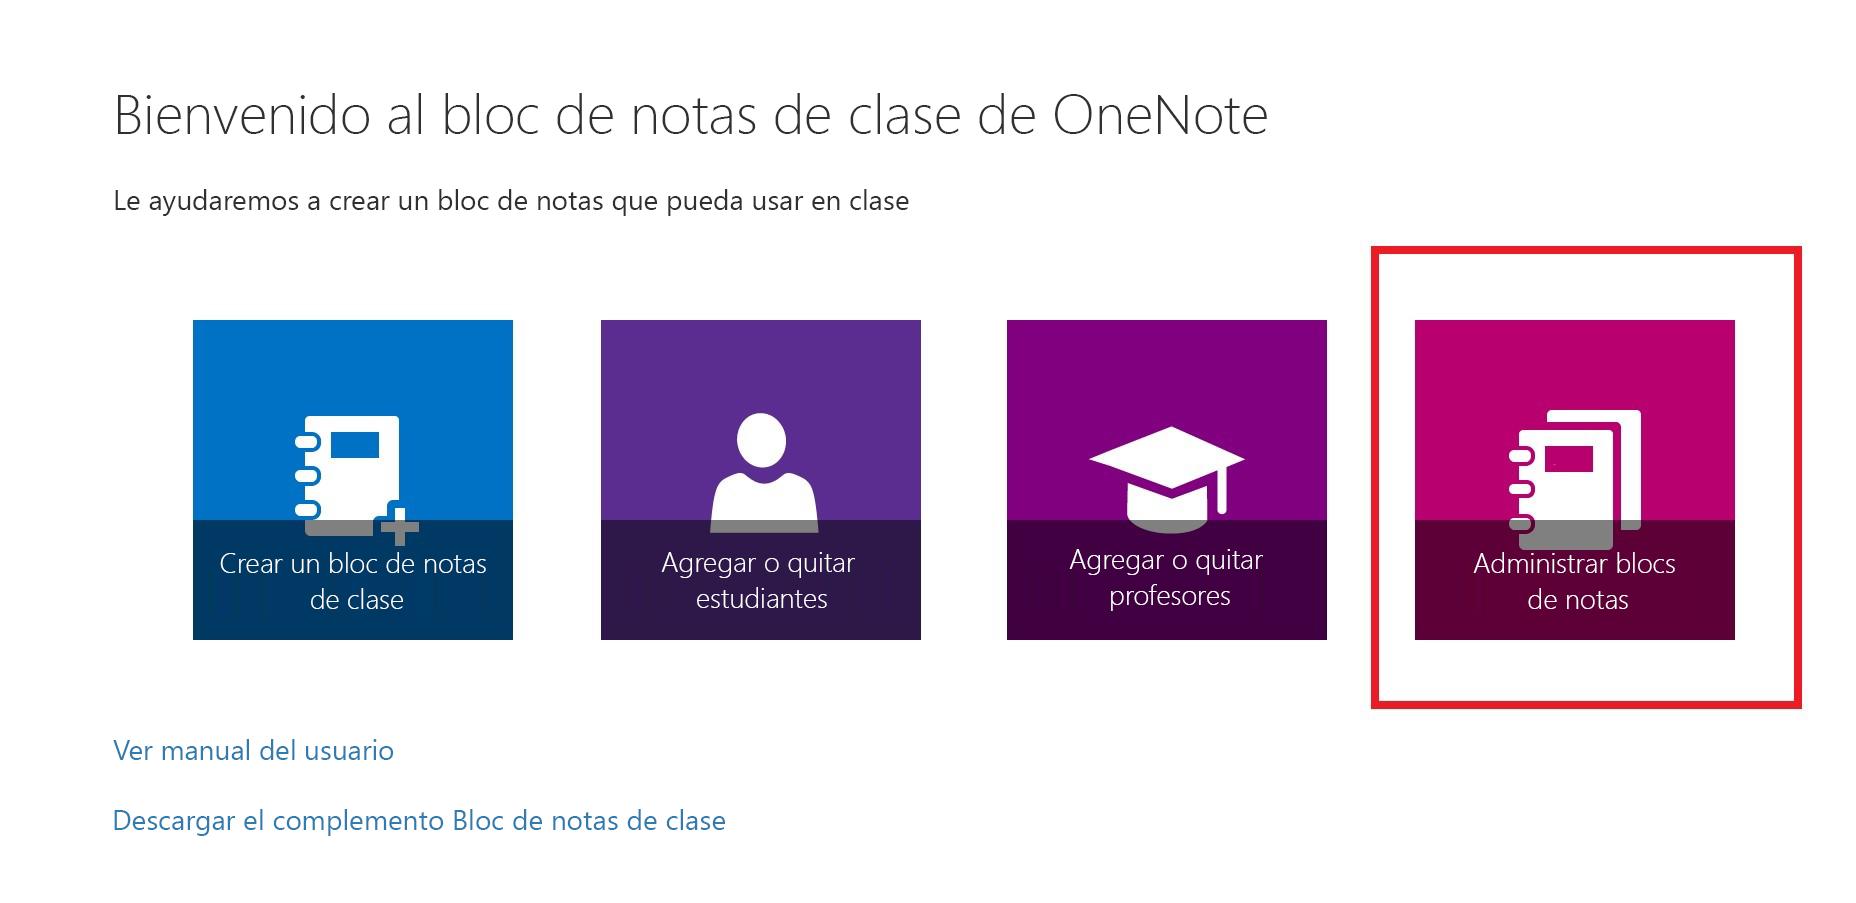 Captura de pantalla del icono Listas de blocs de notas.